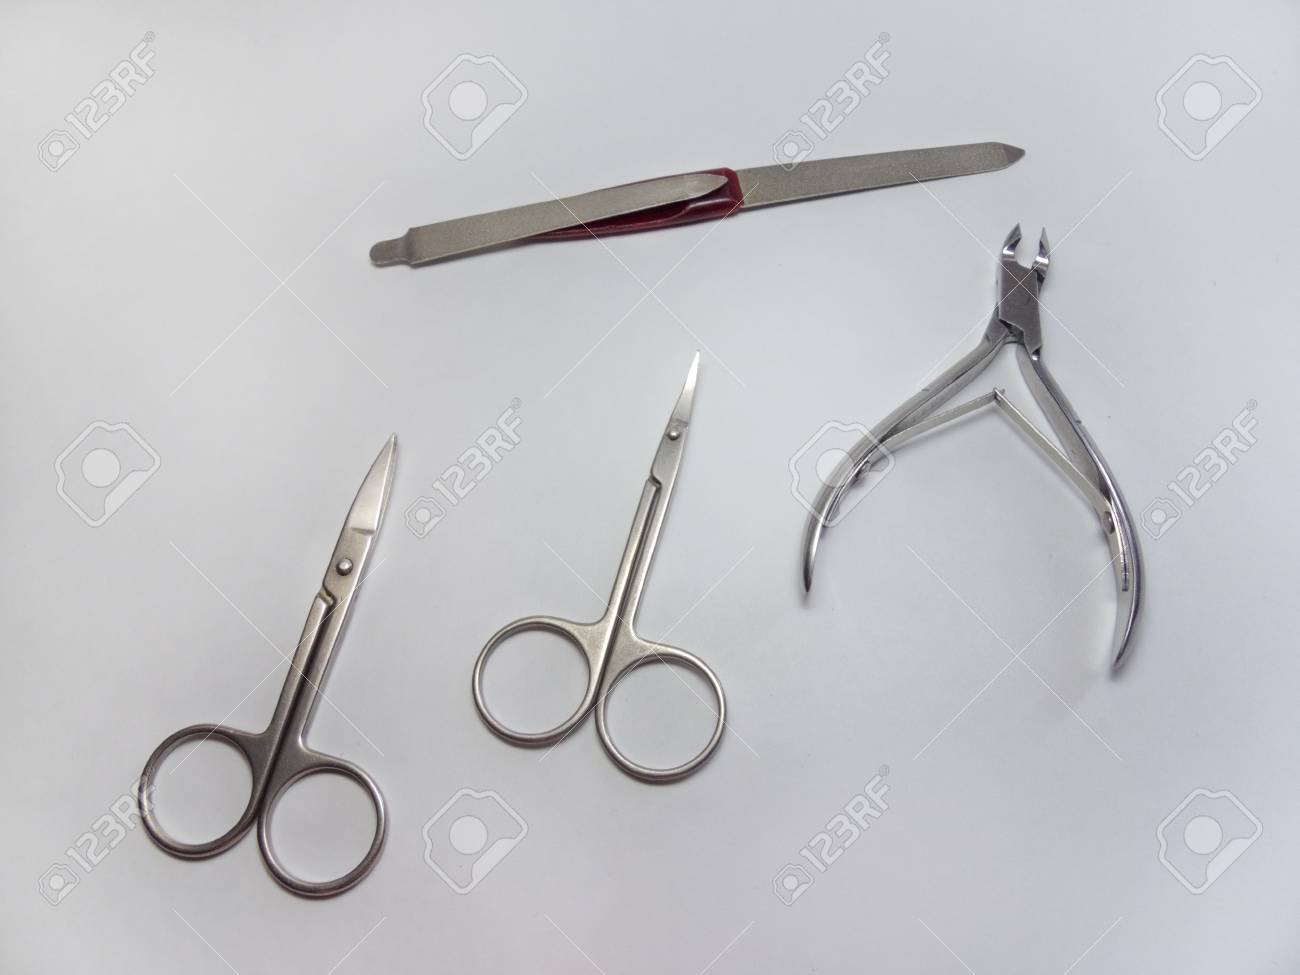 Manicure Set: Nail Nipper, Straight Scissors; Cuticle Scissors ...